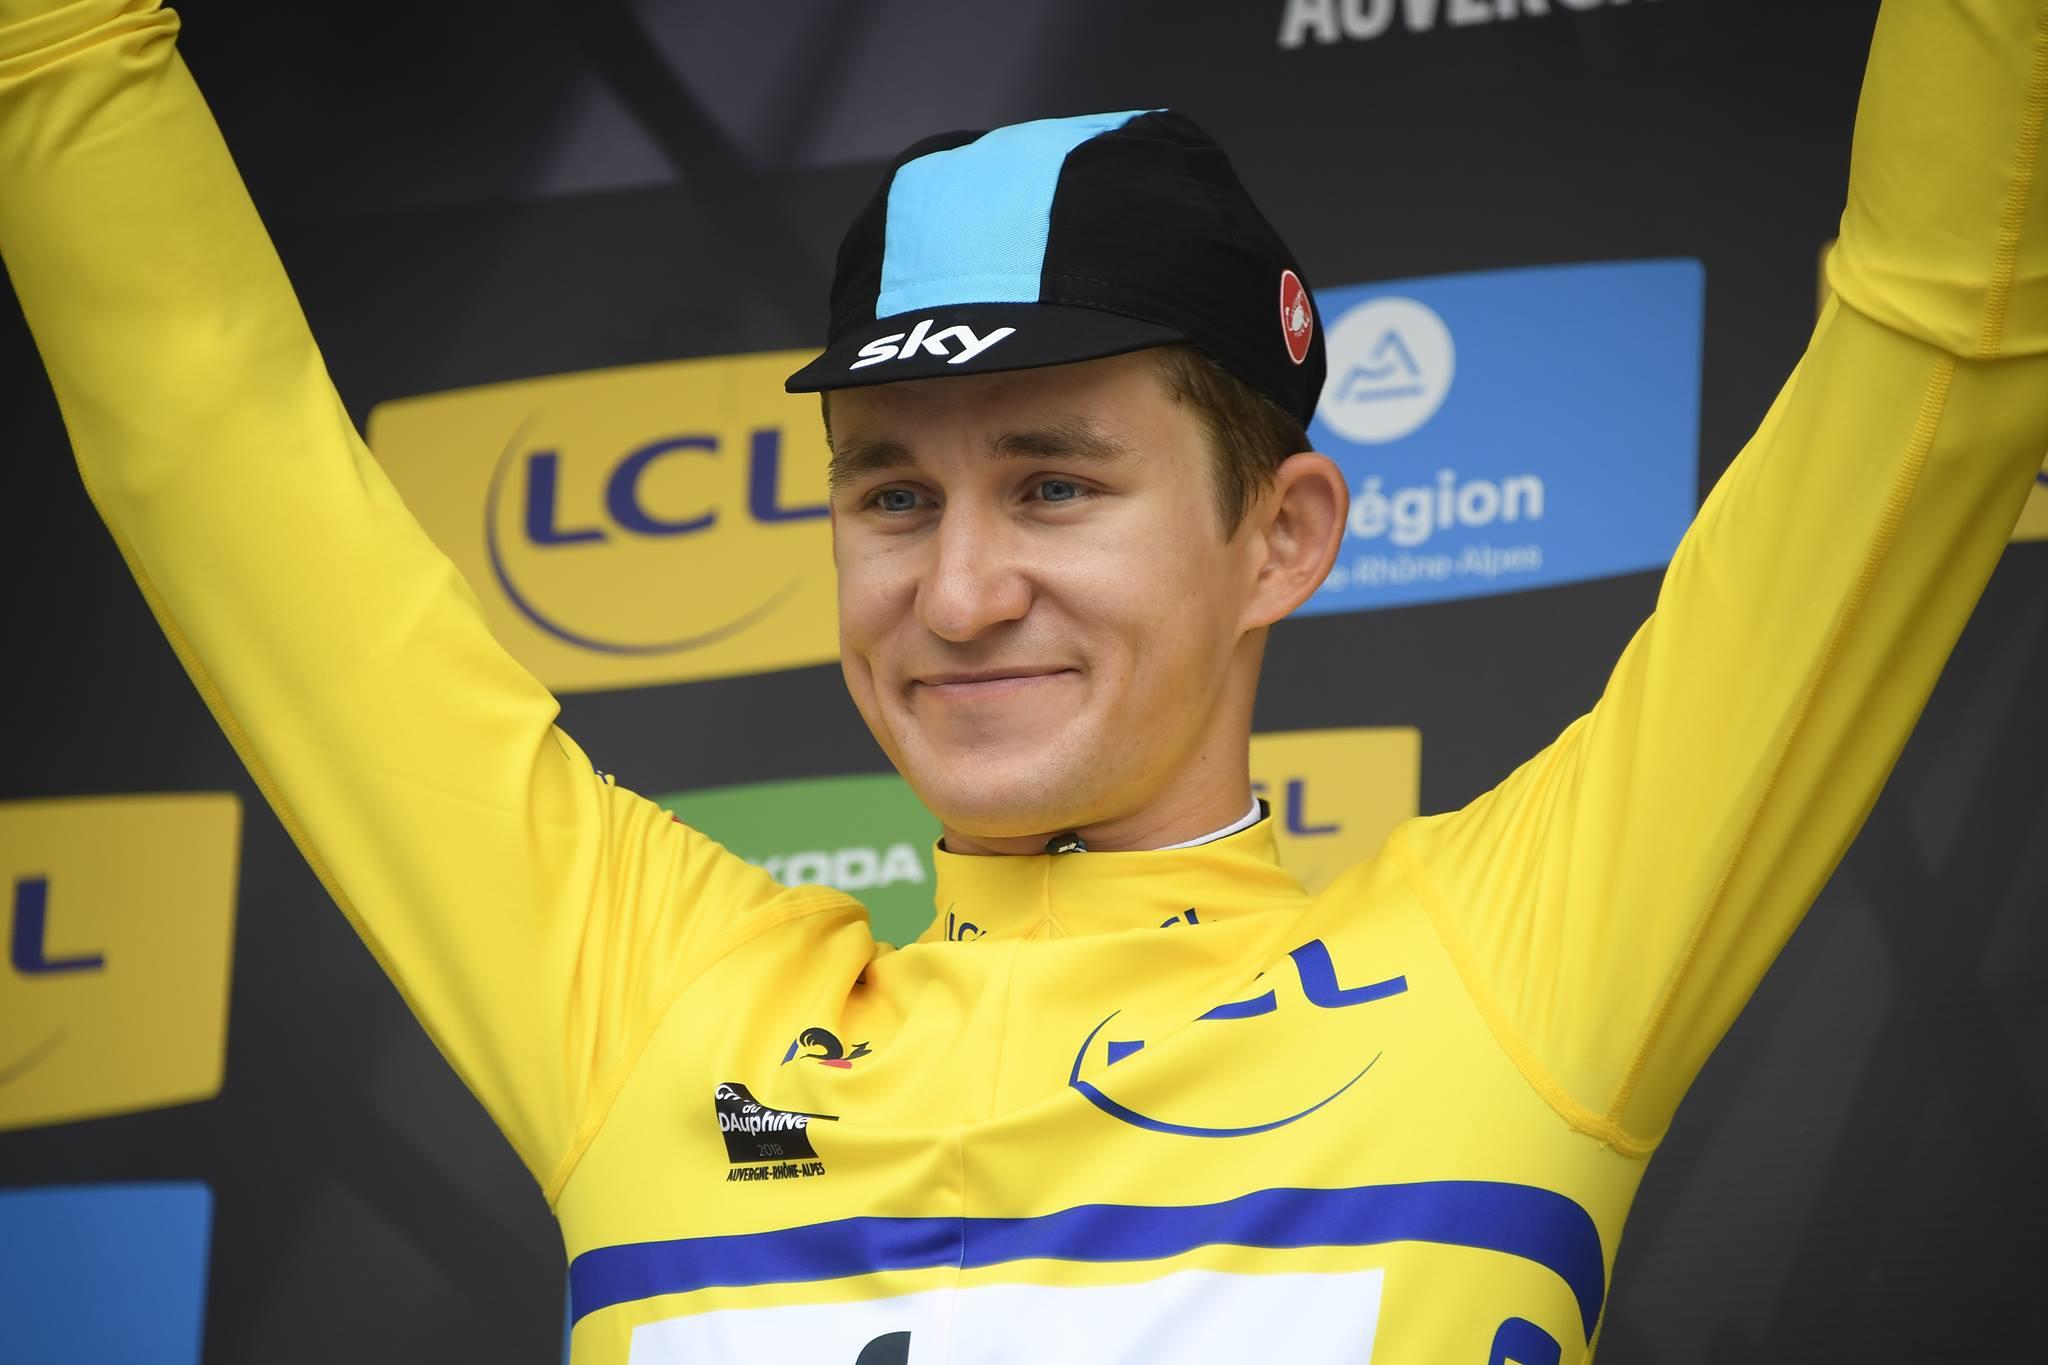 Michal Kwiatkowski vince il prologo del Critérium du Dauphiné